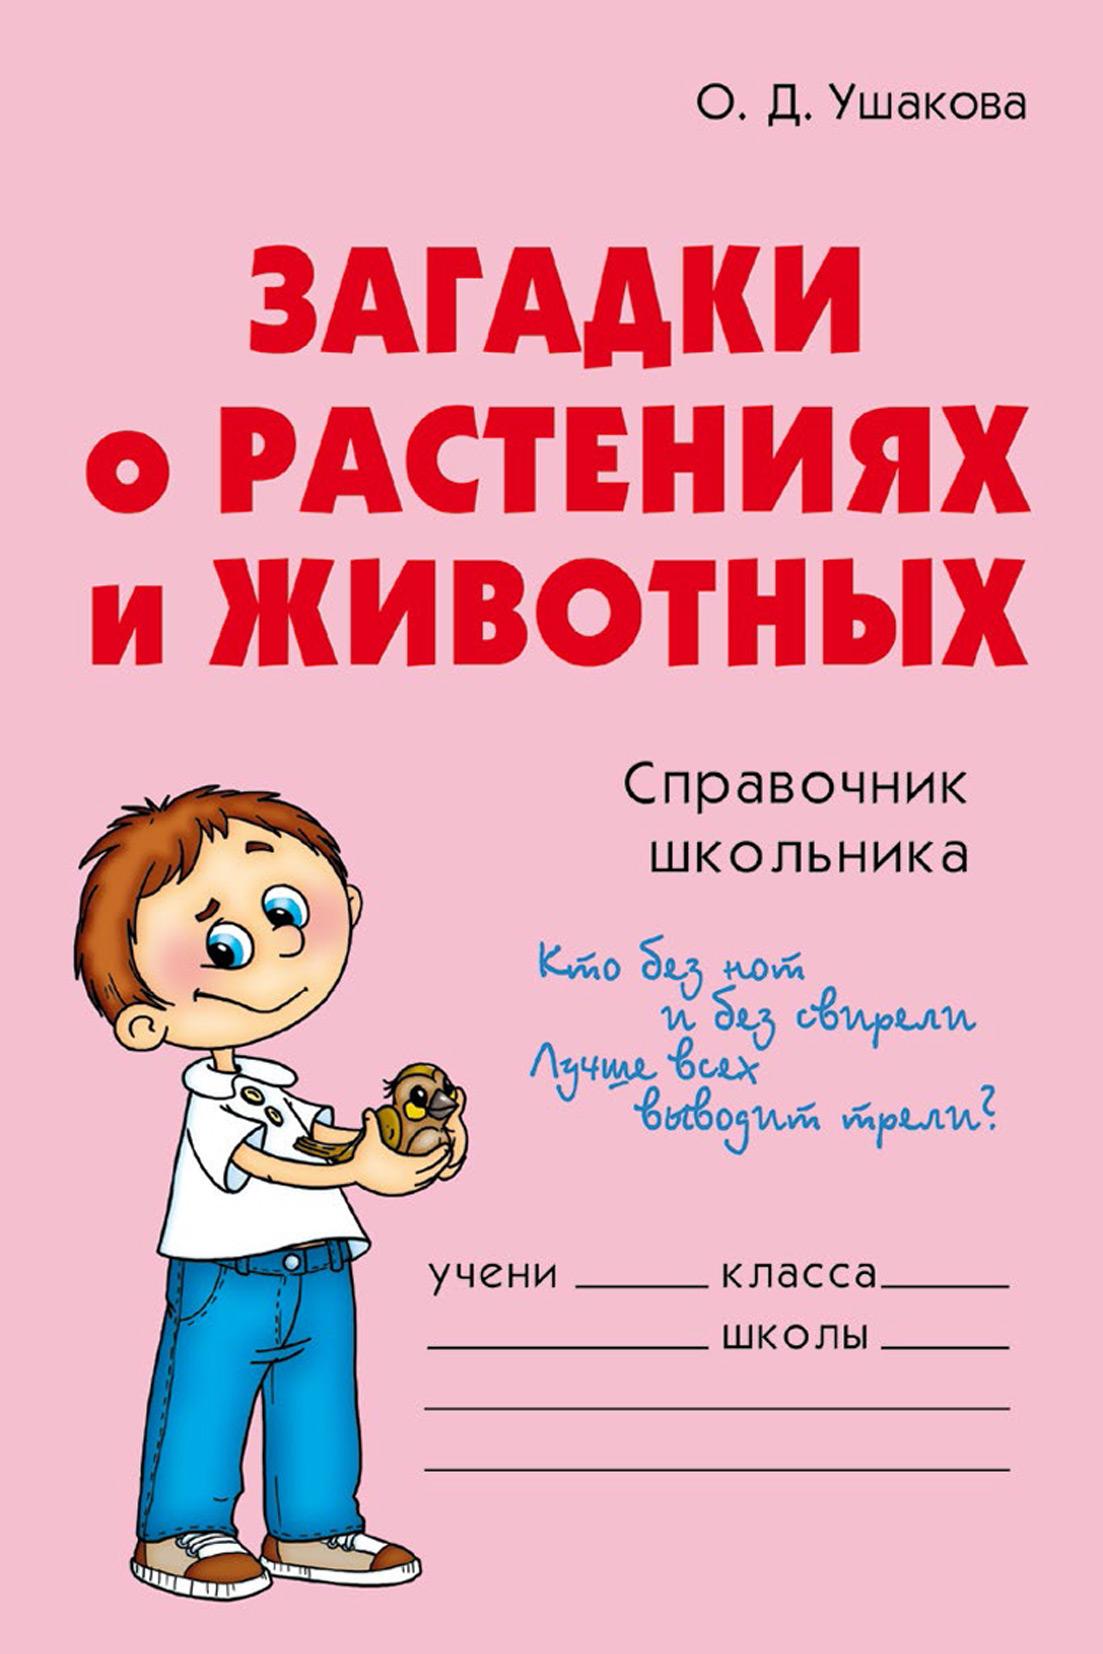 О. Д. Ушакова Загадки о растениях и животных